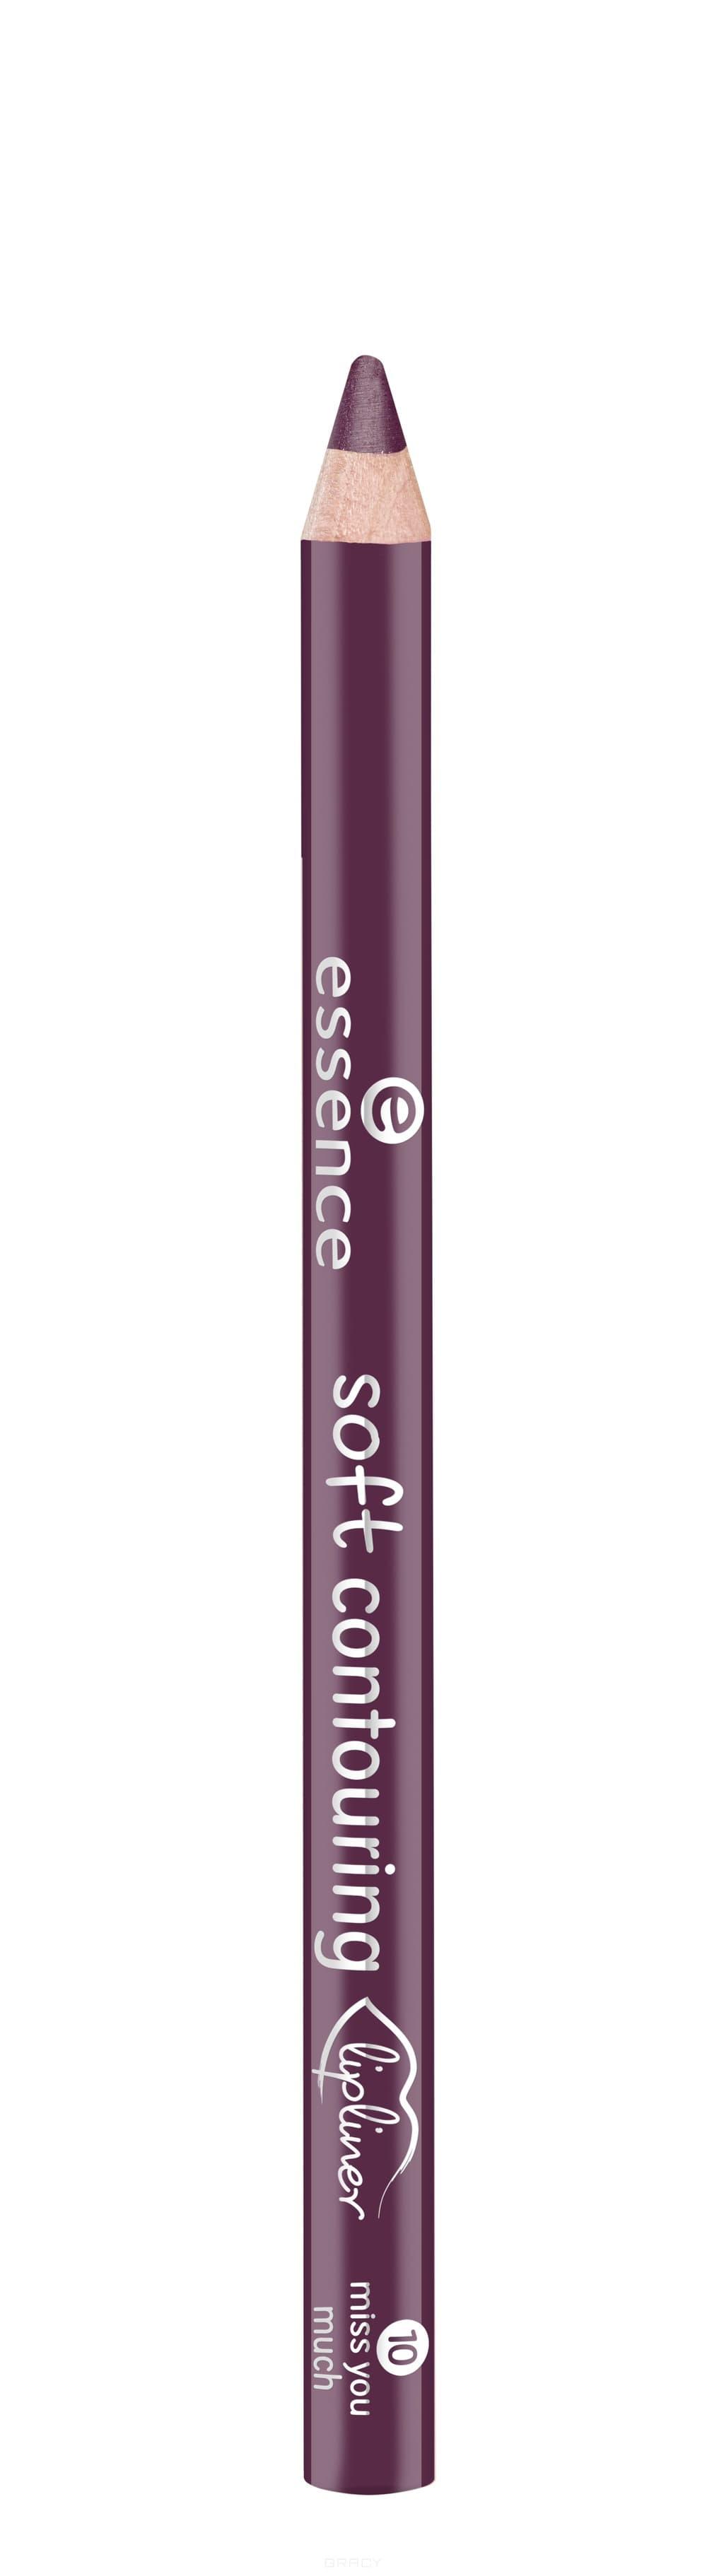 Купить Essence, Контур для губ Soft Contouring Lipliner (11 тонов) №10, темно-пурпурный